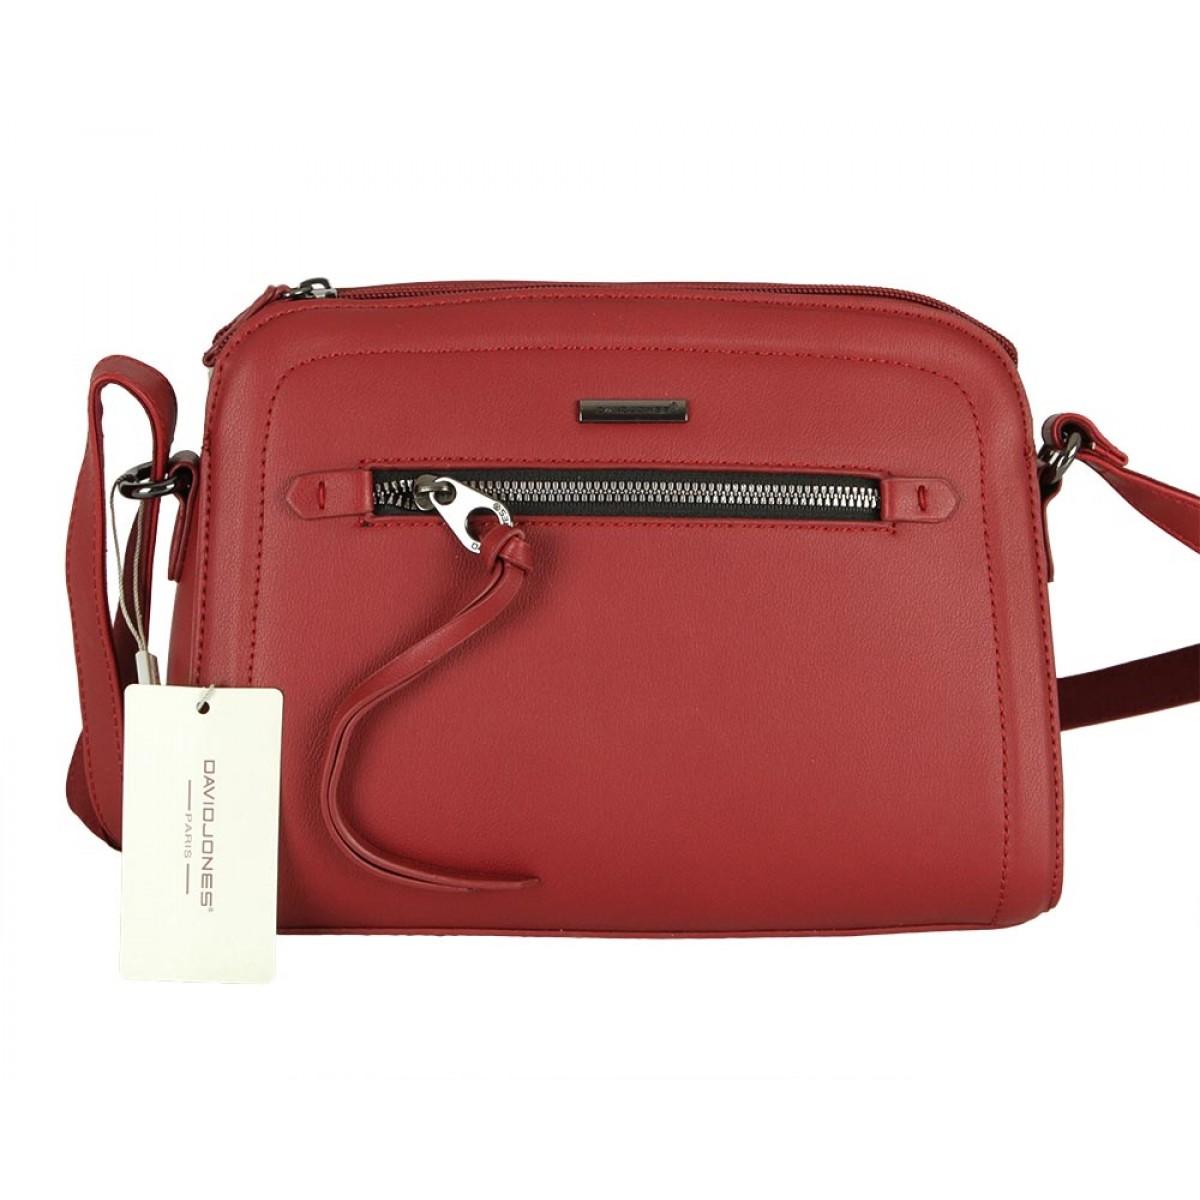 Жіноча сумка David Jones 6111-1 BORDEAUX